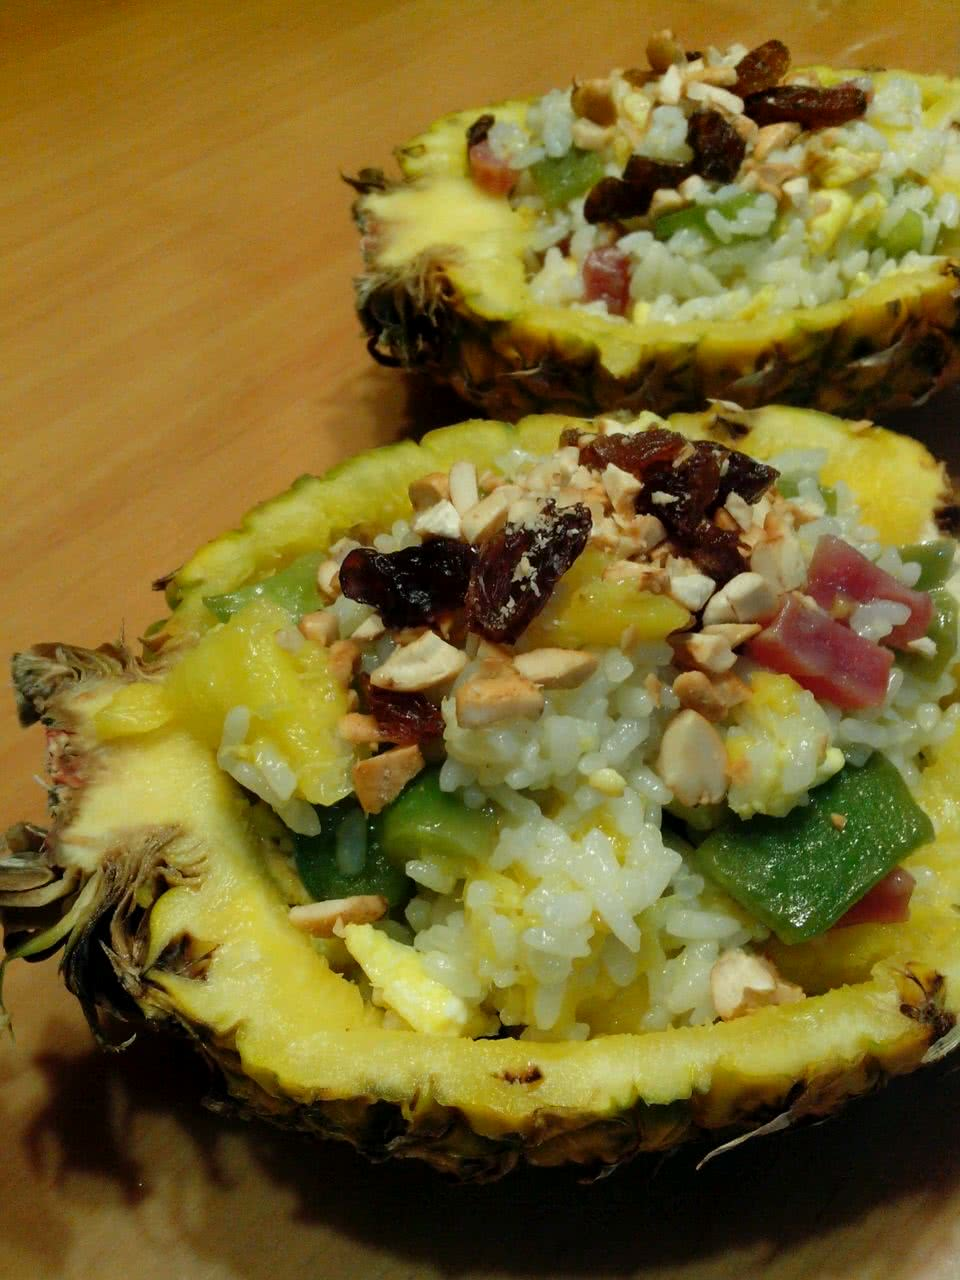 菠萝饭的做法步骤 1. 米饭加入椰浆和水煮熟. 2.